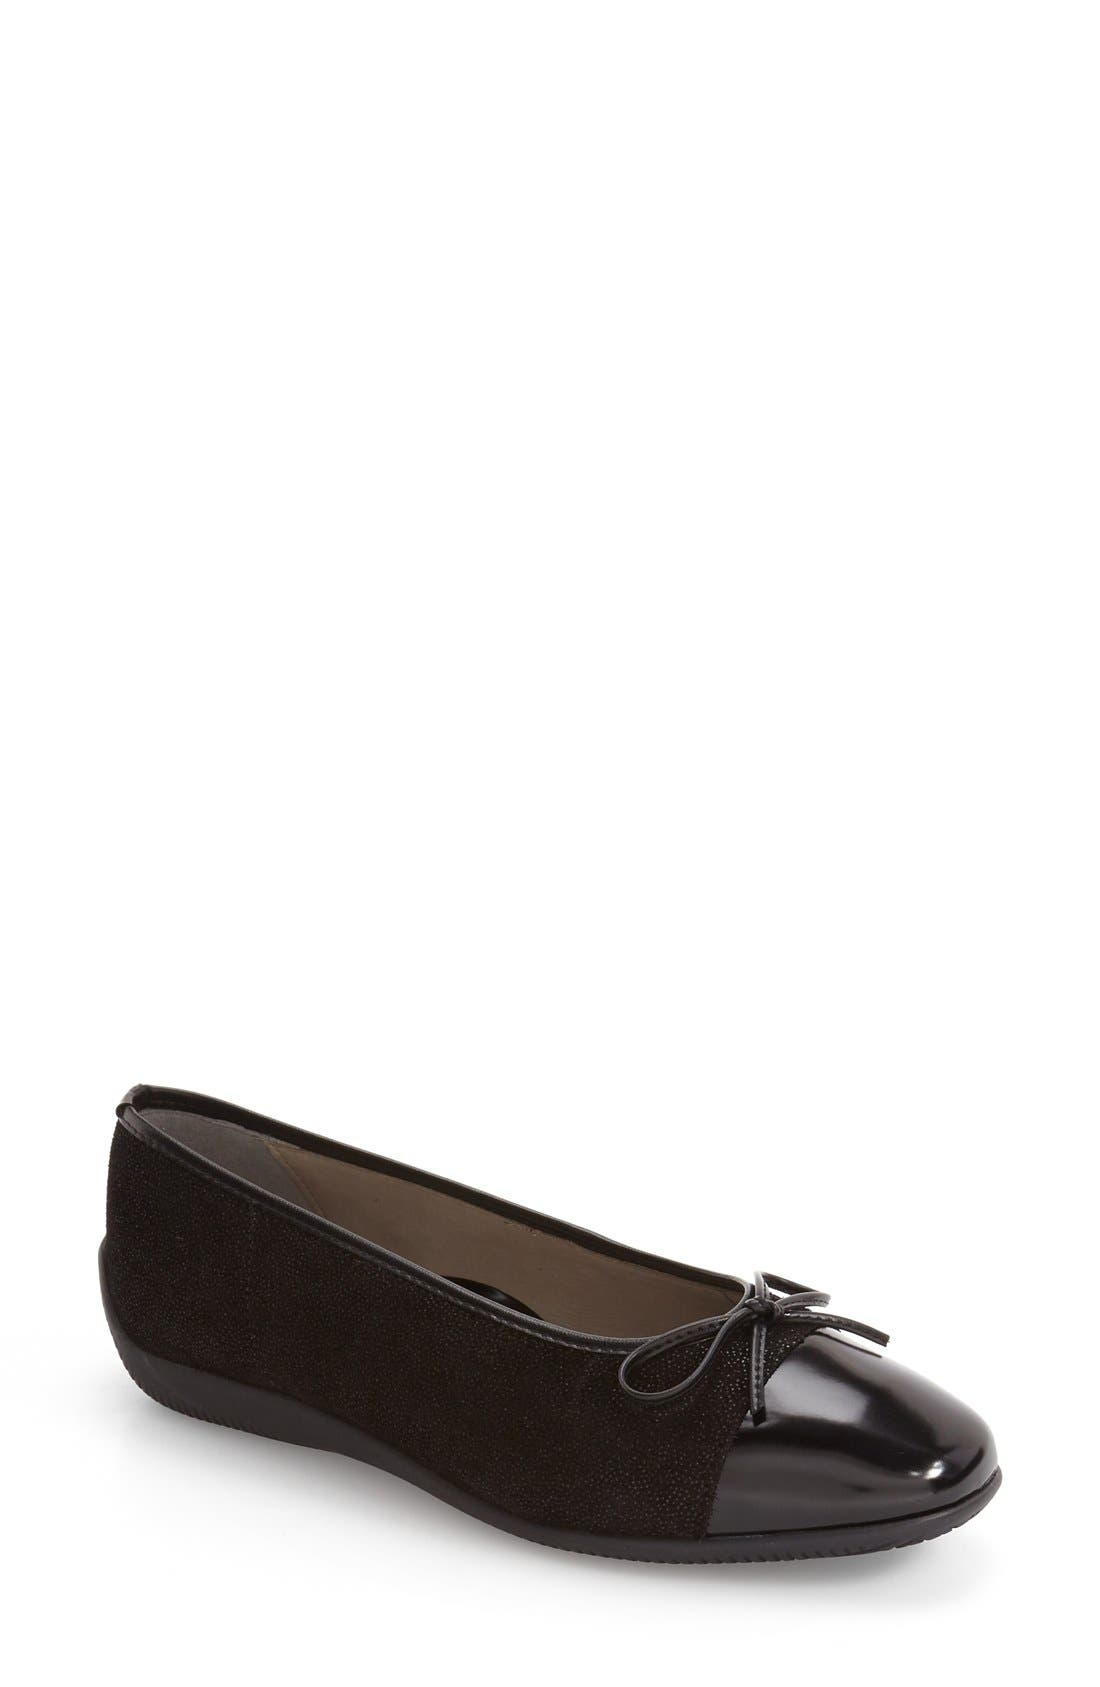 ac6455eb5f00 Women s Ara Shoes